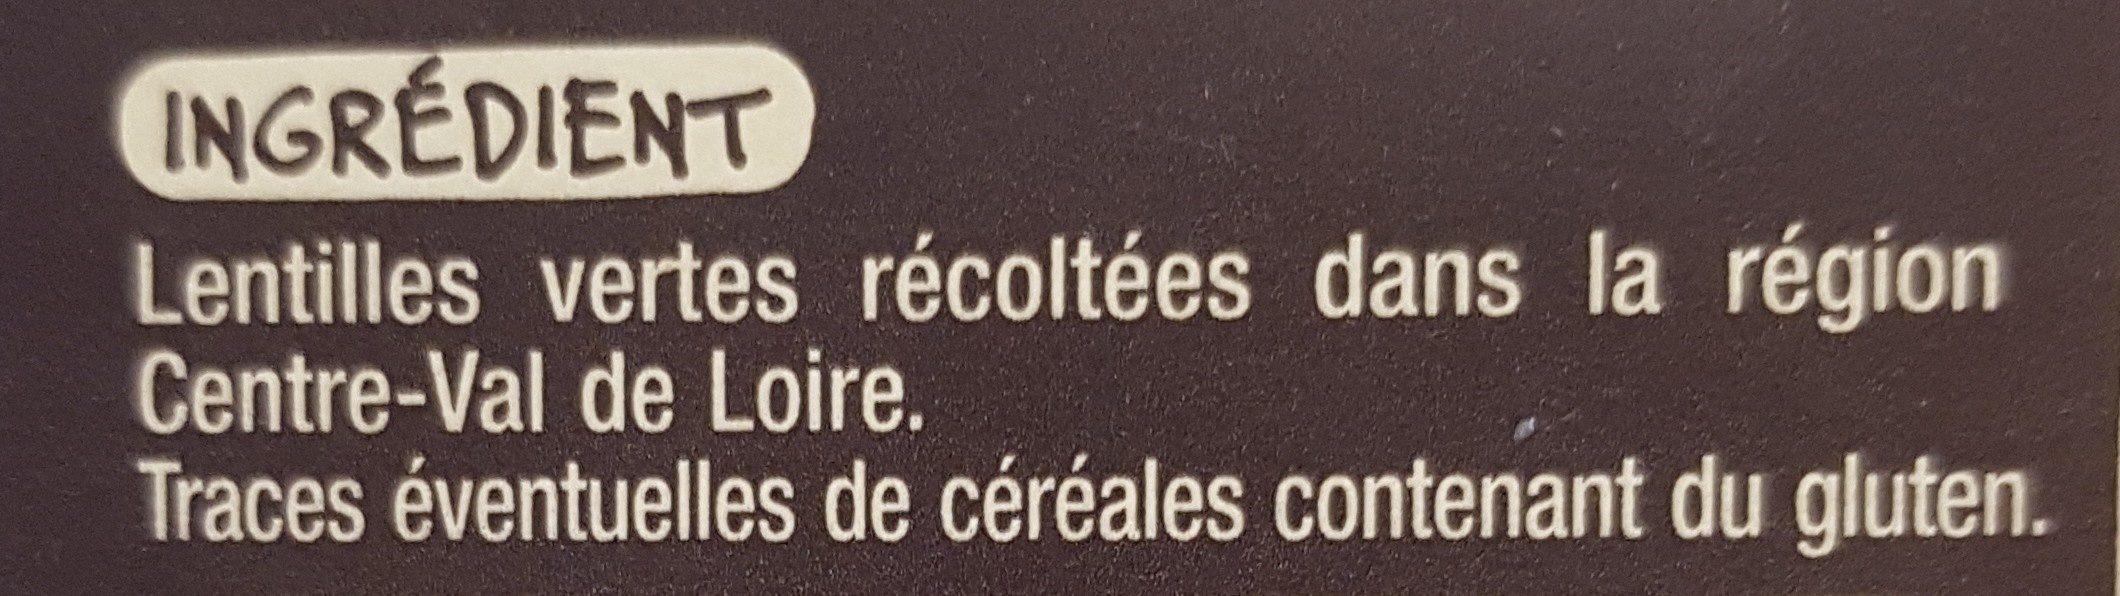 Lentilles vertes du Centre-Val de Loire - Ingredients - fr